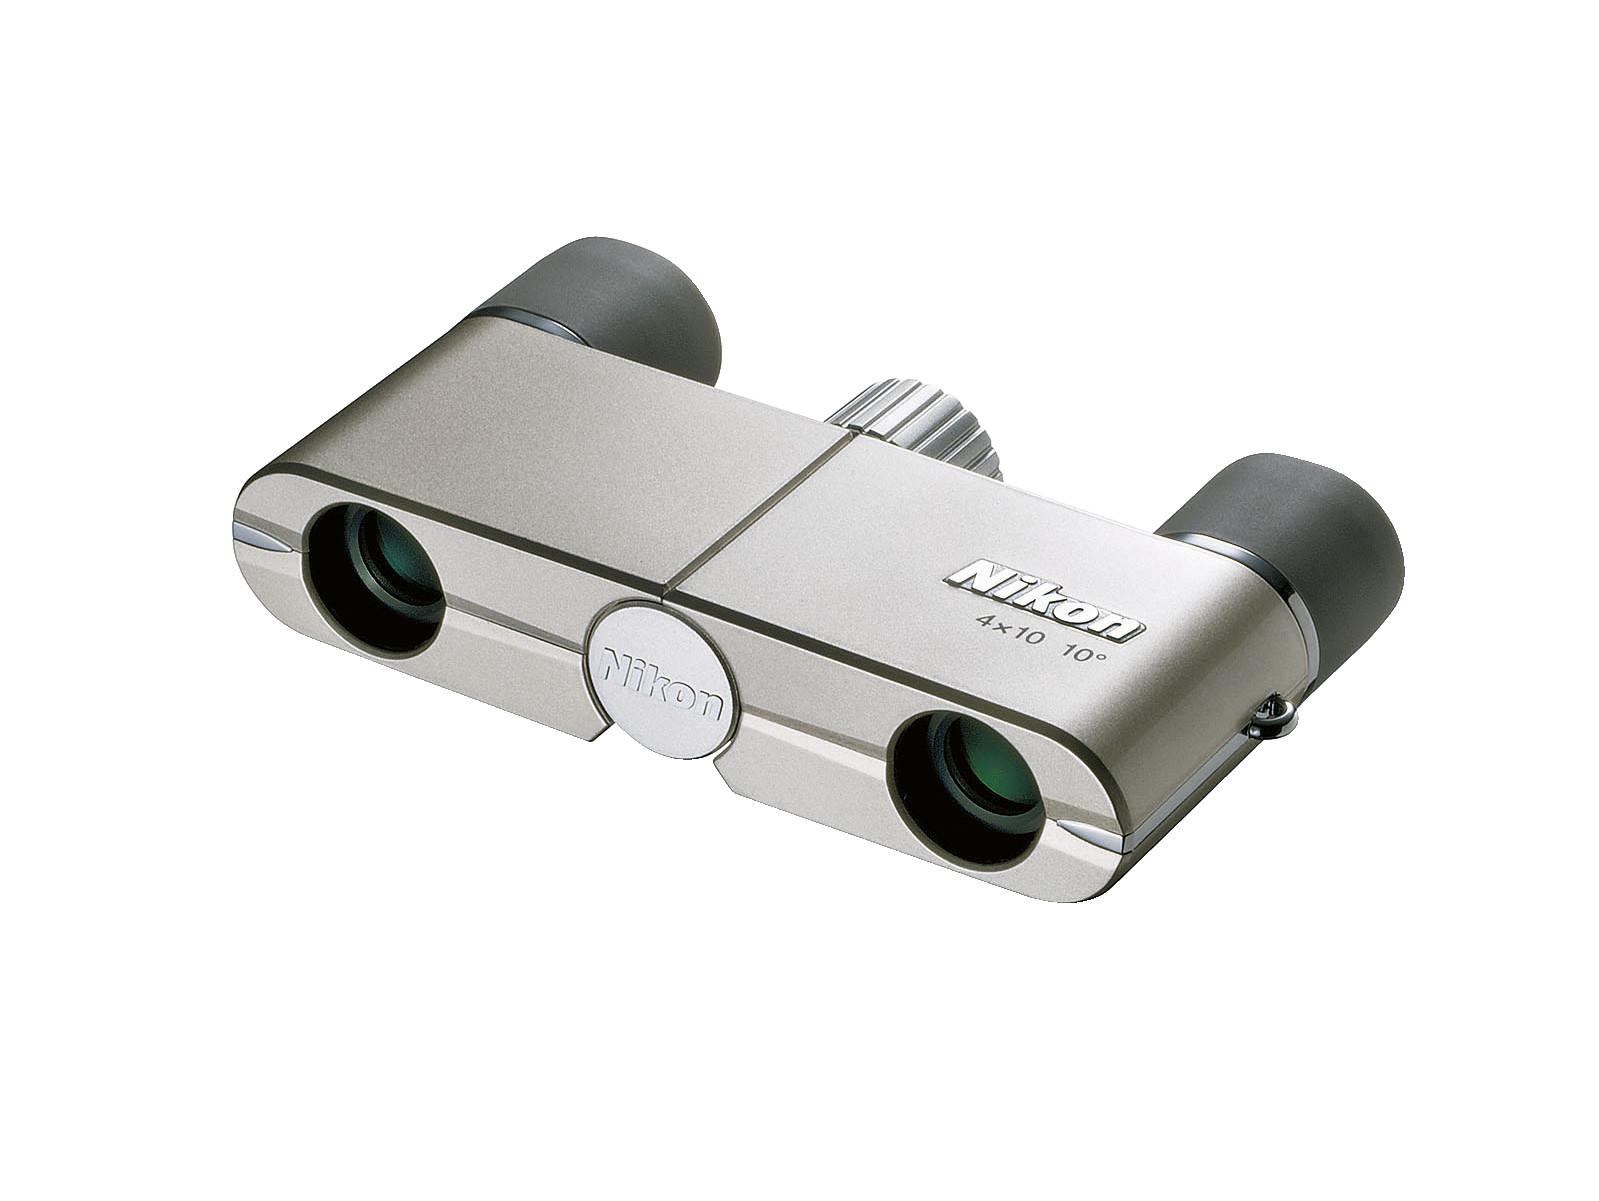 4X10 DCF(銀)雙筒望遠鏡 雙筒望遠鏡/單眼鏡